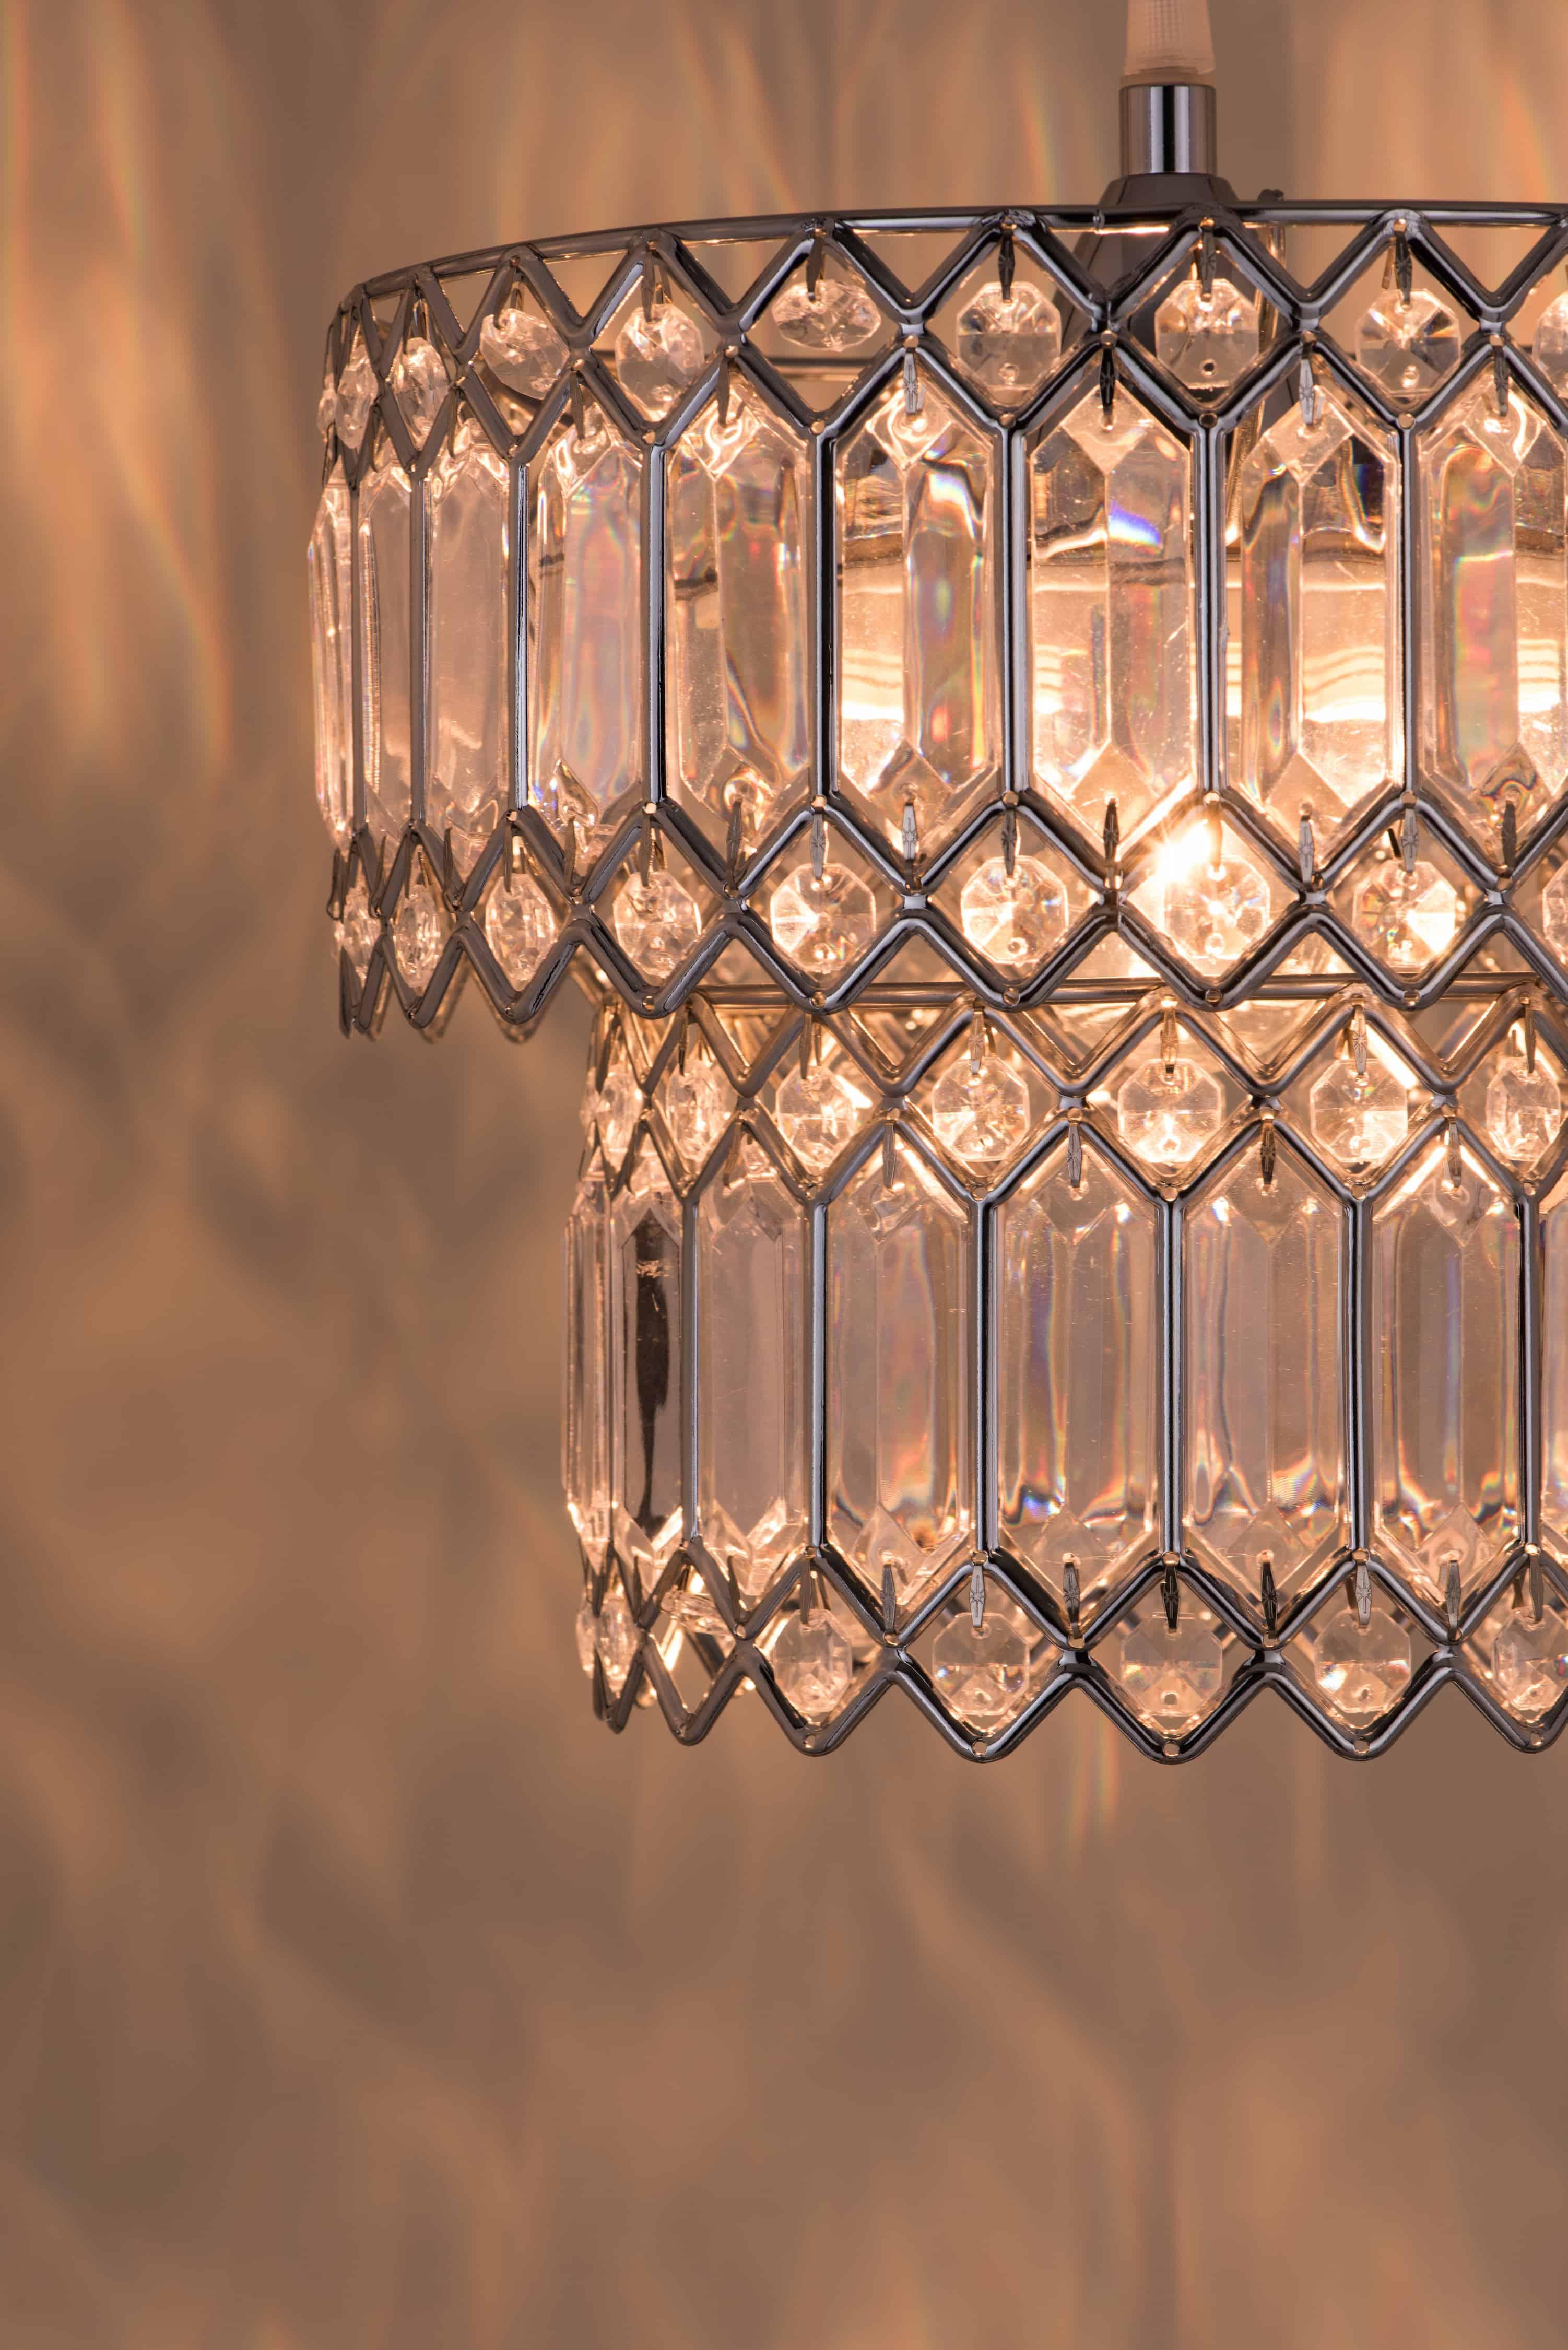 鍍鉻銀鐵花邊透明壓克立吊燈-BNL00056 7